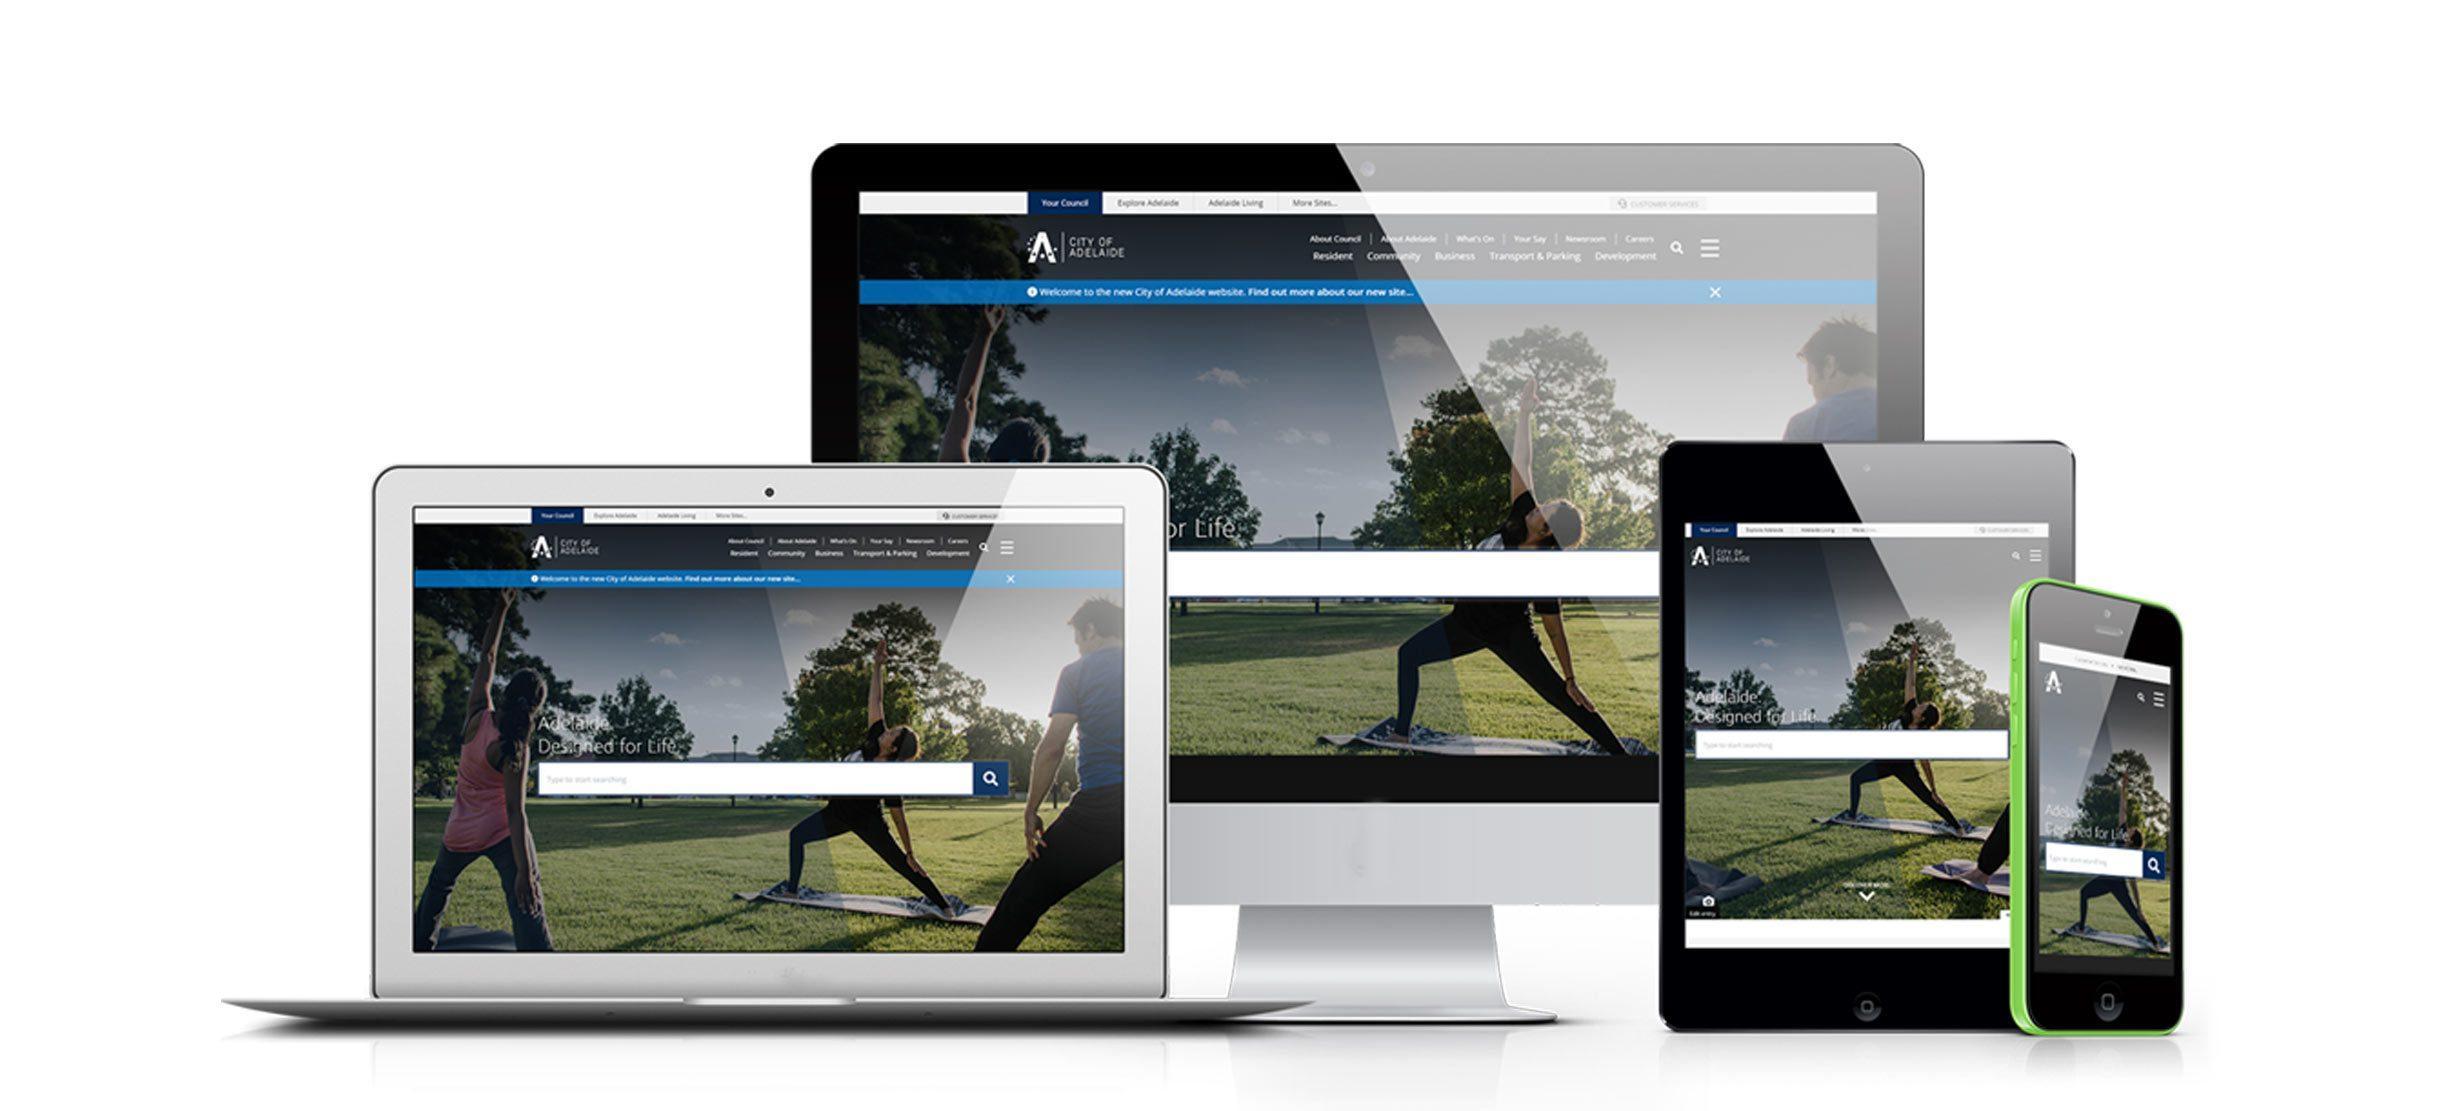 City of Adelaide website mock-up